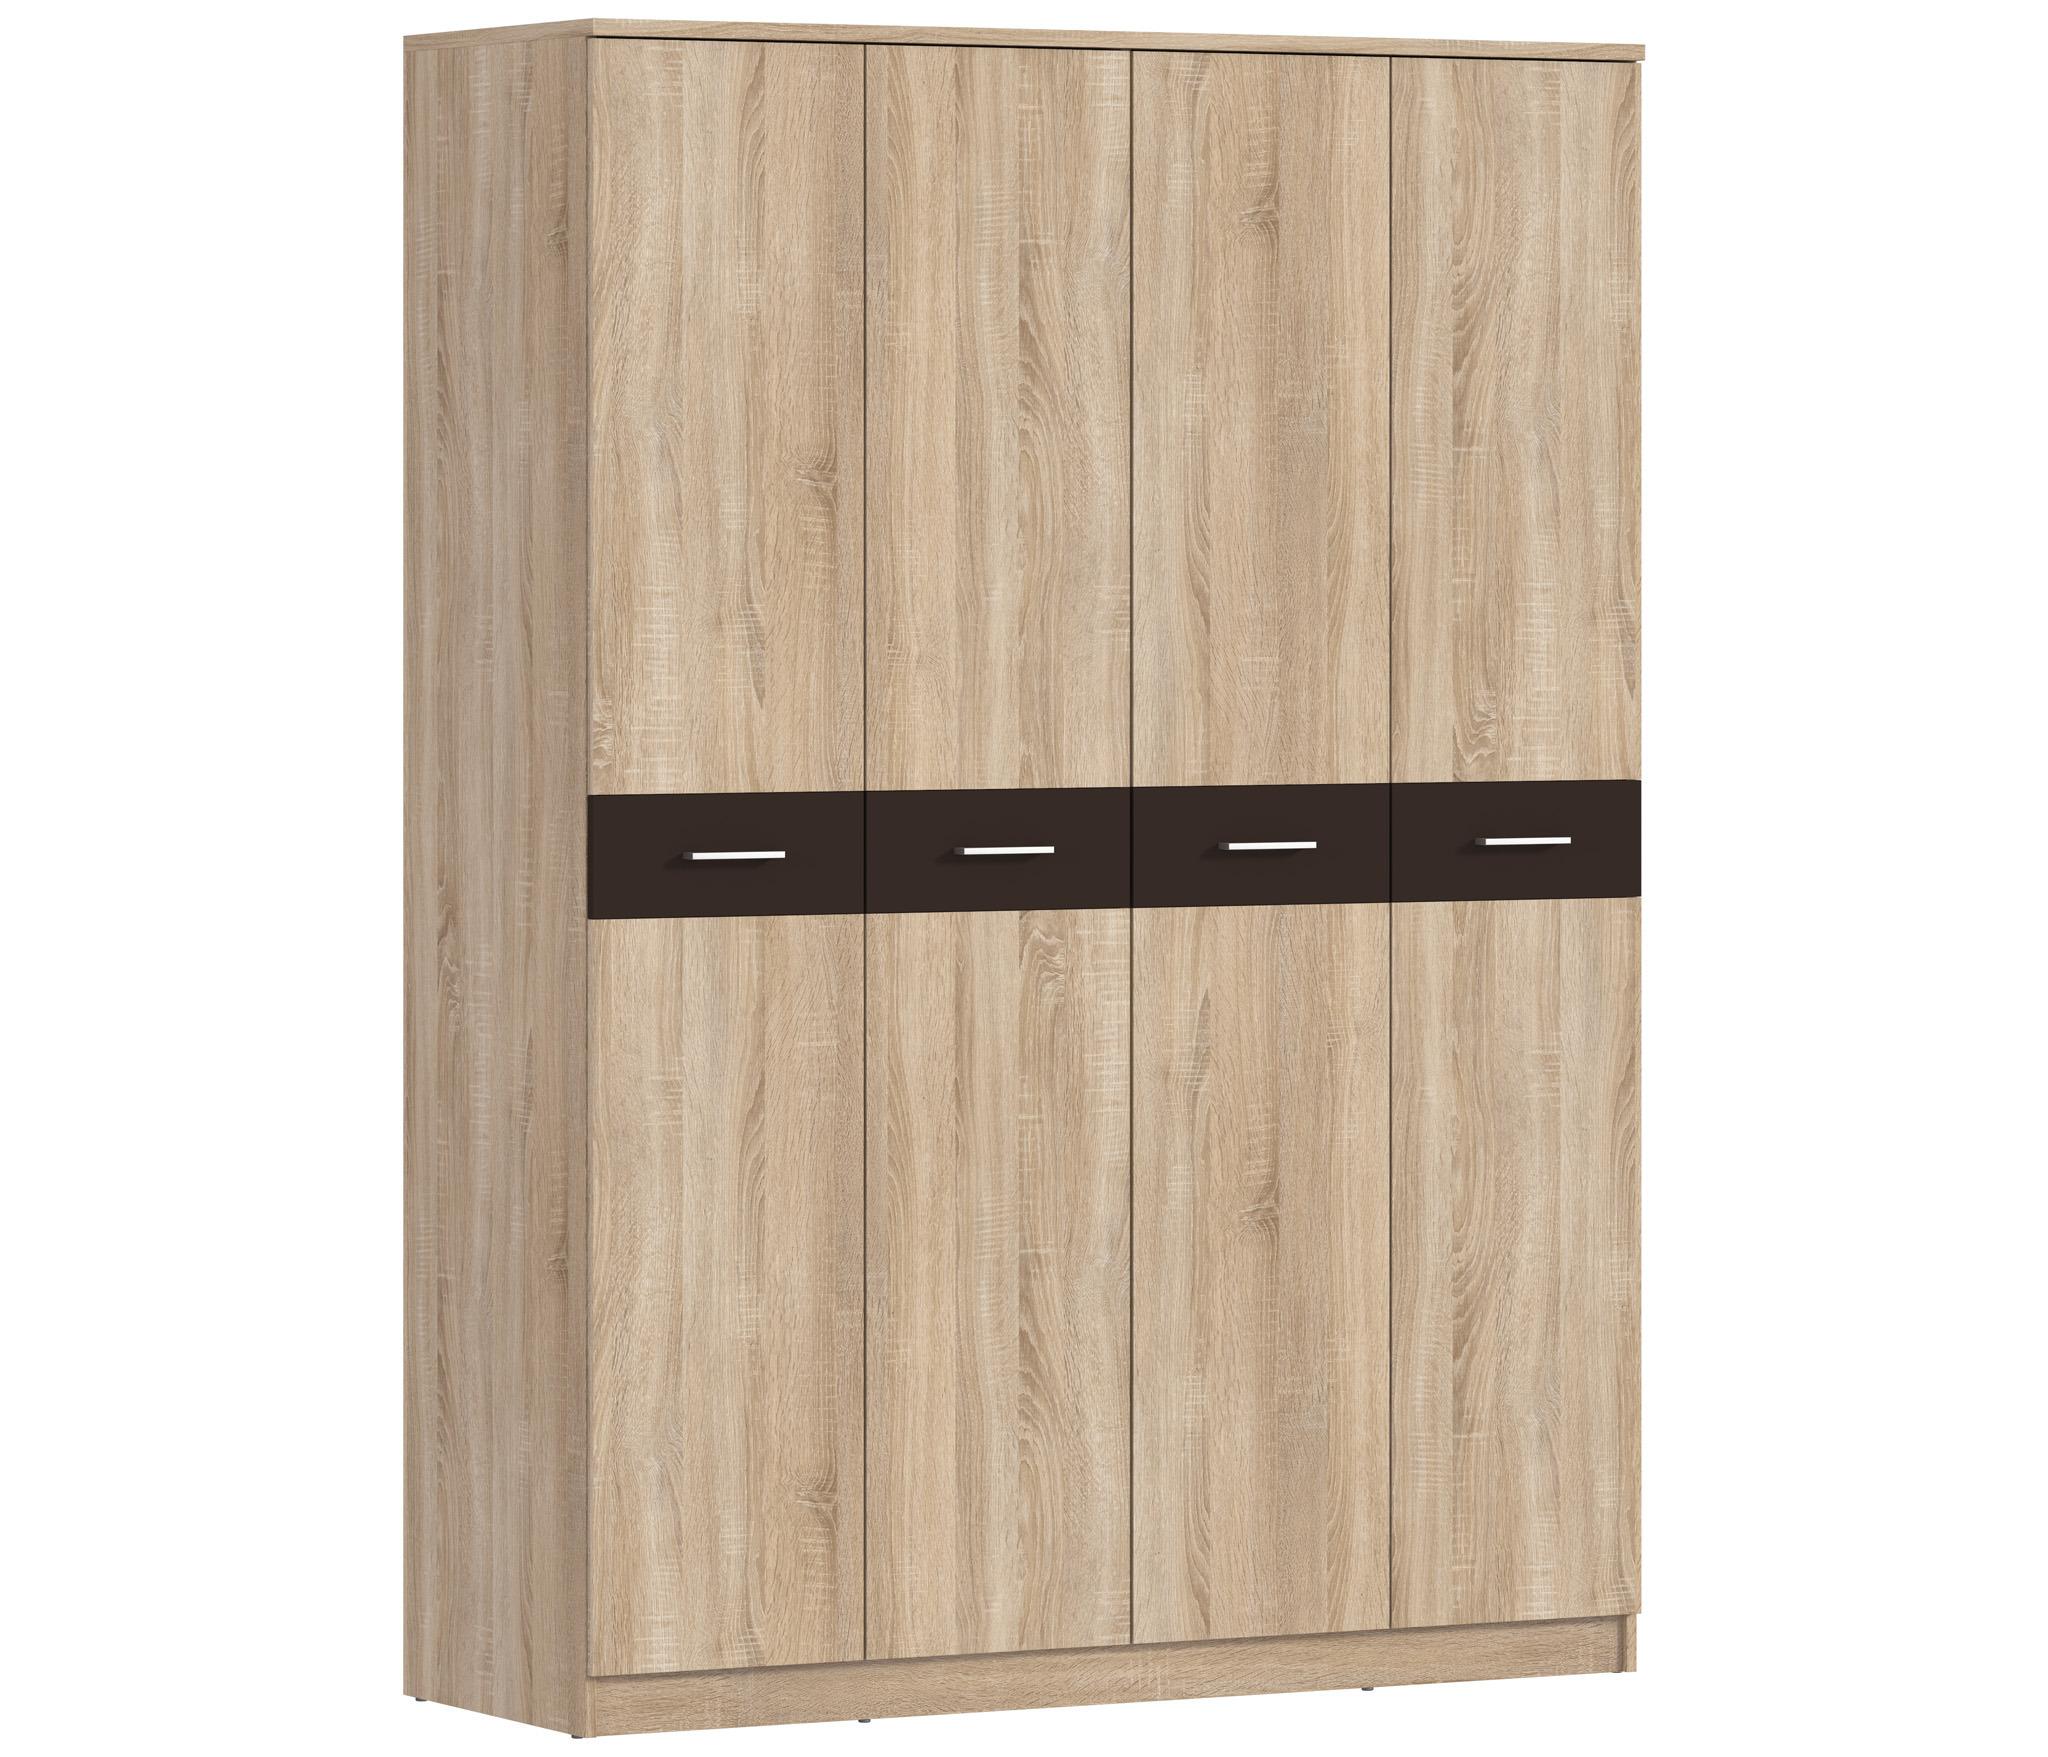 Клео СБ-2006 Шкаф 4-х дверныйШкафы<br>Это модель шкафа простая по форме и цветовому решению, в которой сочетаются лёгкость и лаконичность.<br><br>Длина мм: 1600<br>Высота мм: 2226<br>Глубина мм: 579